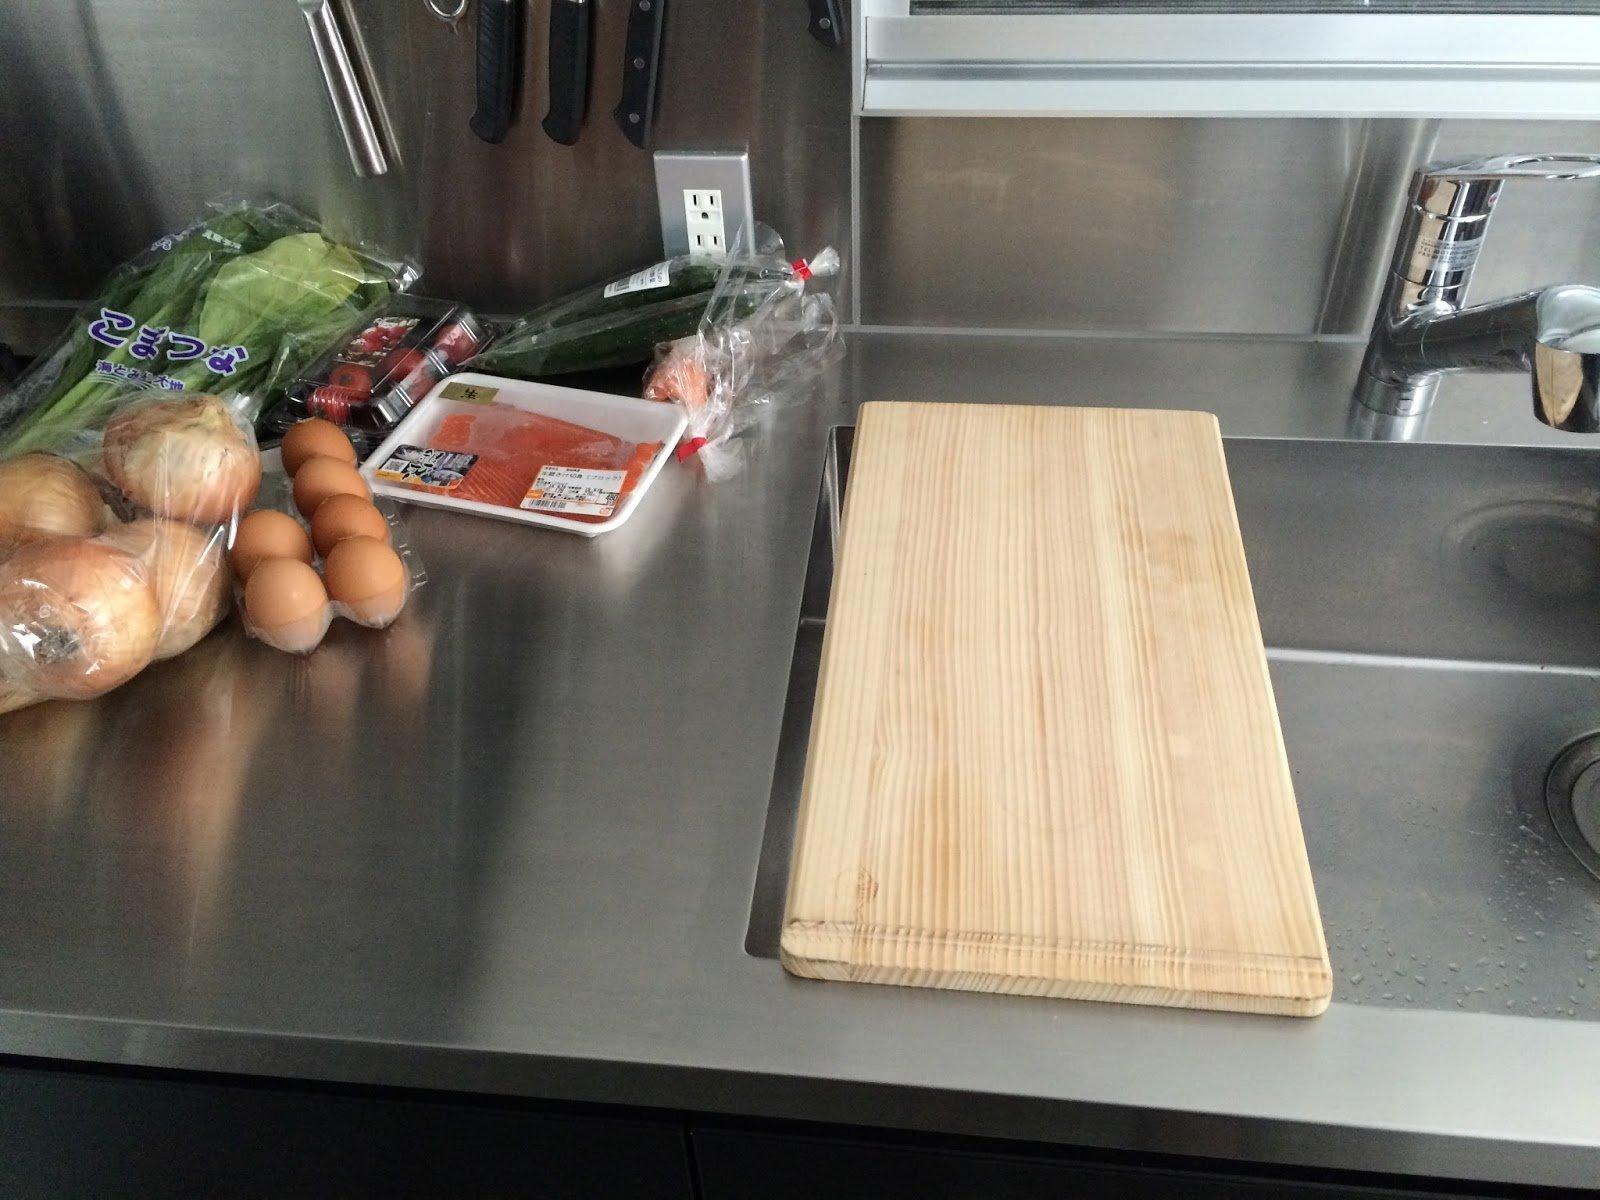 img 5a66d38ba28a7.png?resize=300,169 - まな板の置き場にすら困る!?狭いキッチンの活用方法